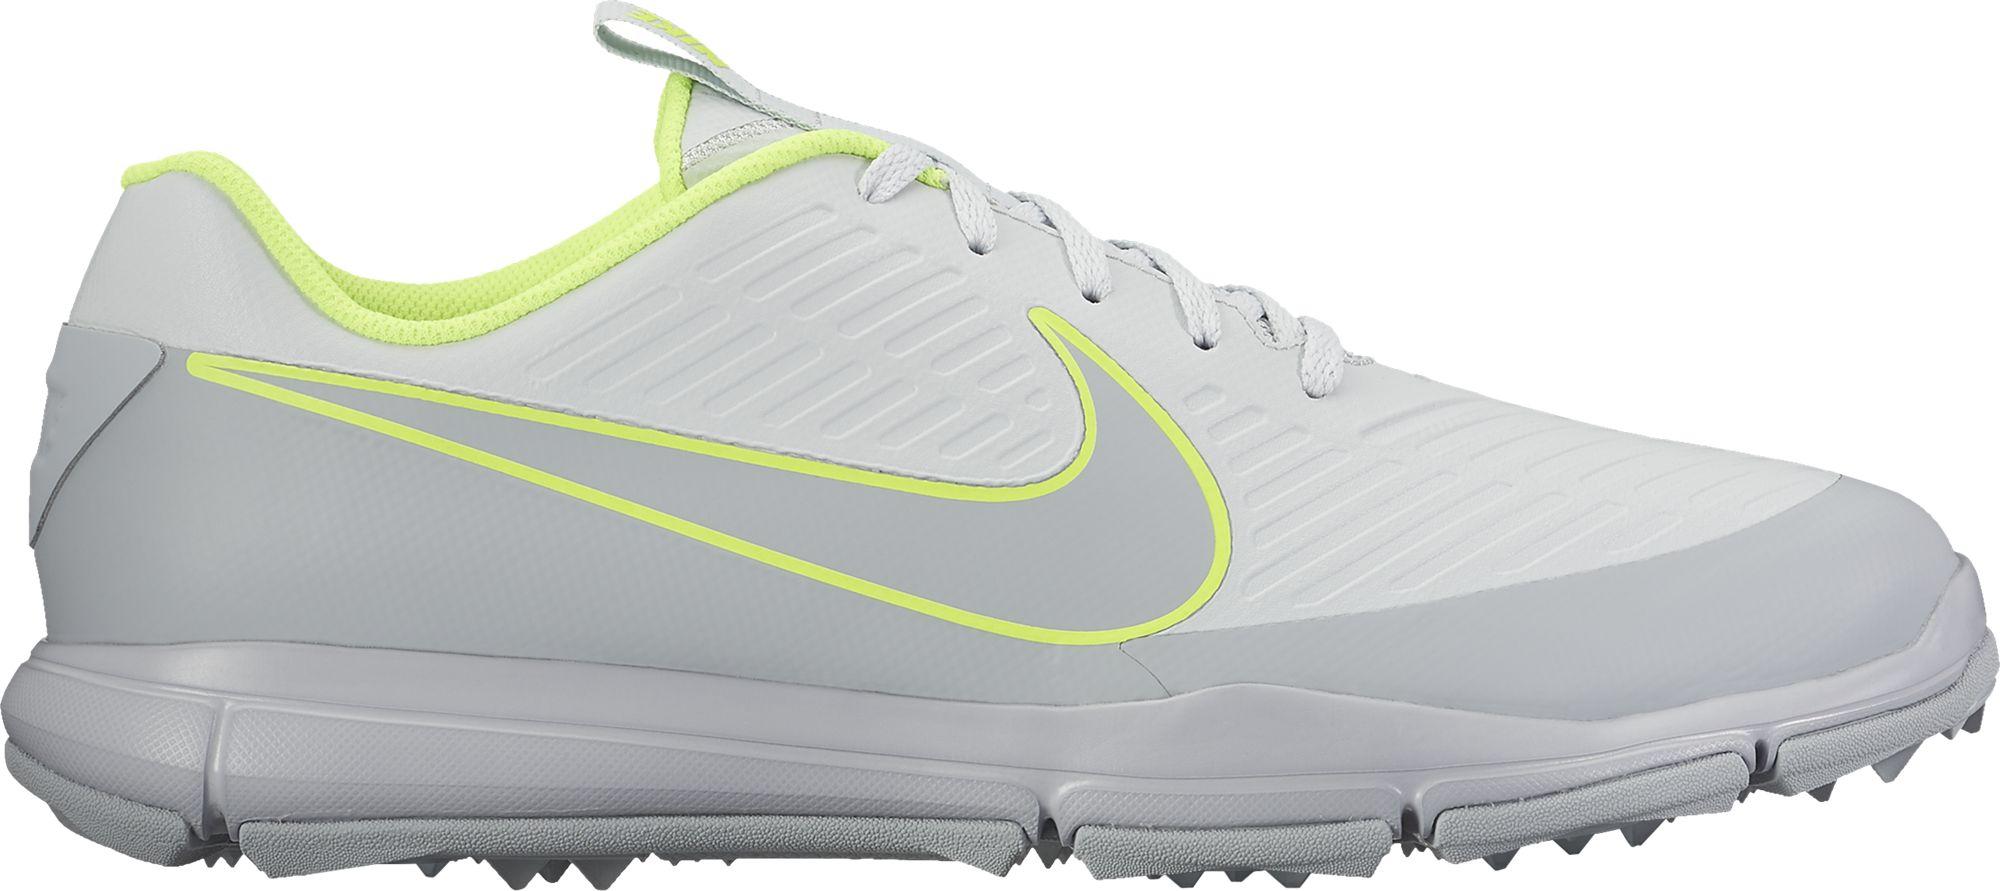 Nike 2017 Explorer 2 Golf Shoes (Pure Platinum)